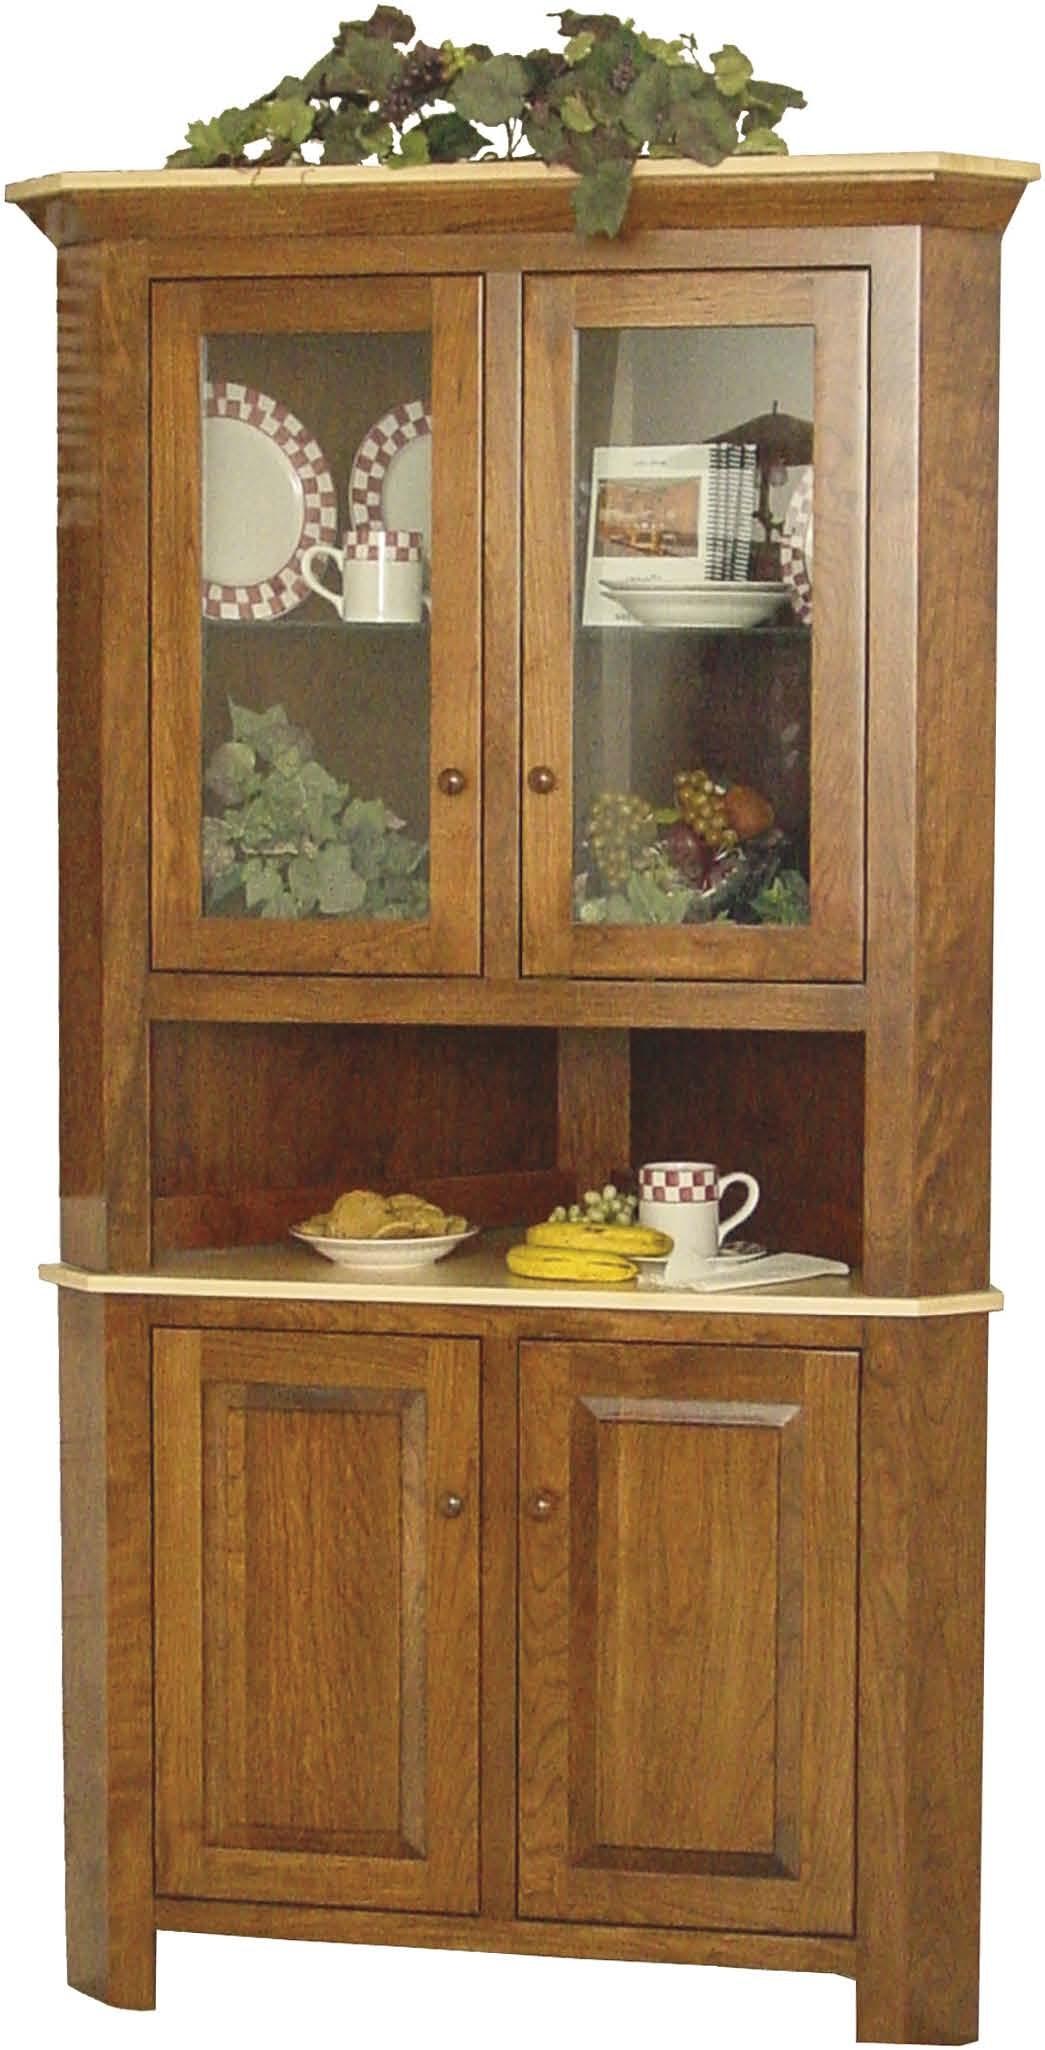 Townline Furniture LLC Brookline Corner Hutch; Solid Wood; 2 Adjustable  Glass Shelves W/